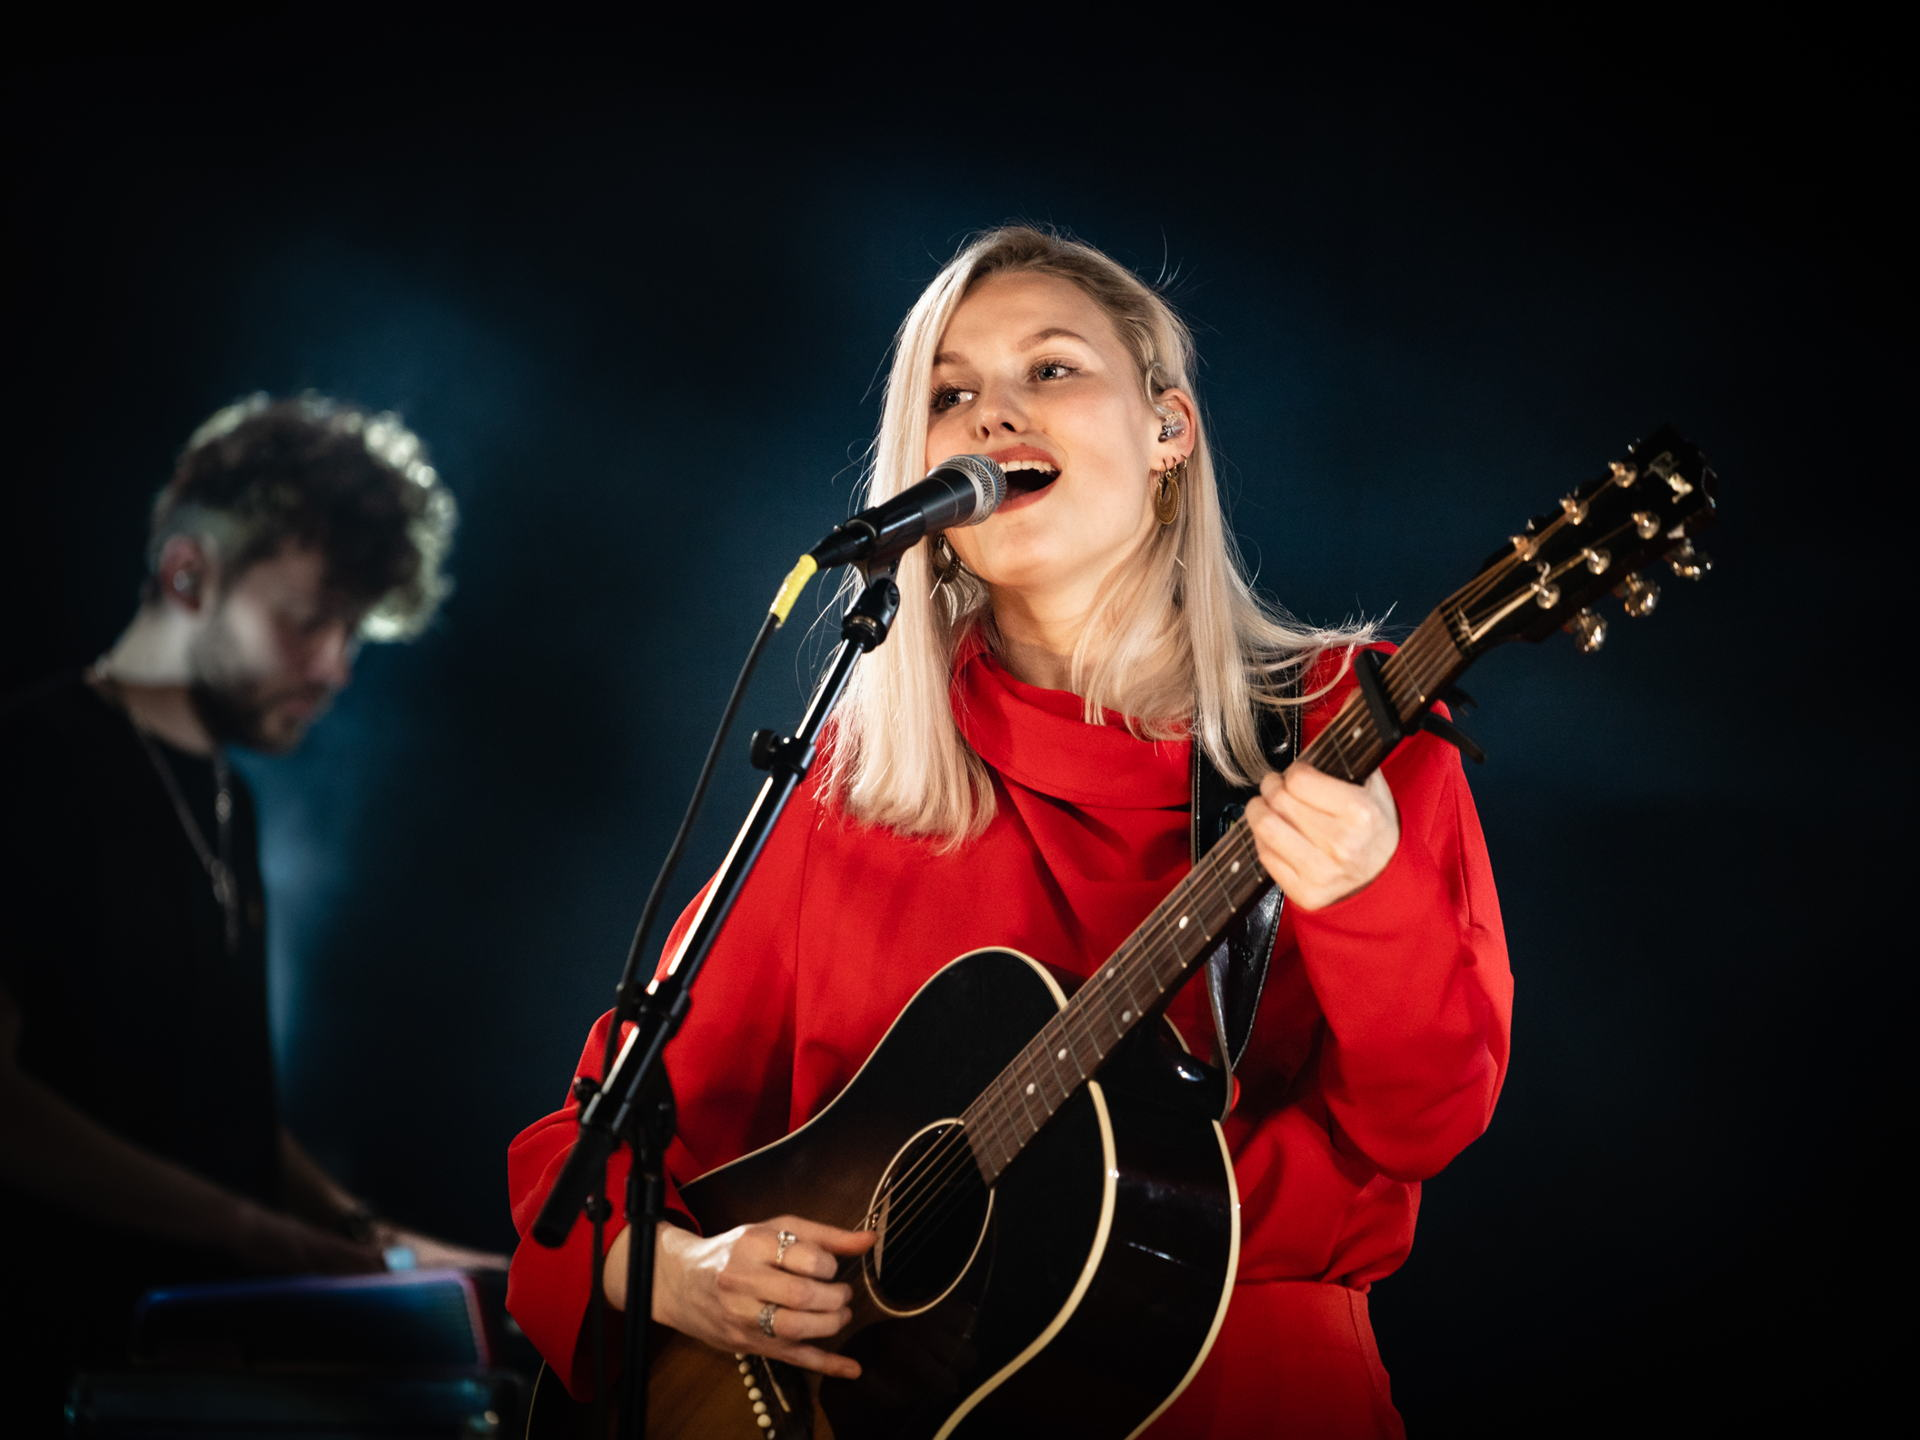 Photo Anya fotografeerde Isa Zwart tijdens de Drenthe Special van Locked & Live op 19 maart 2021